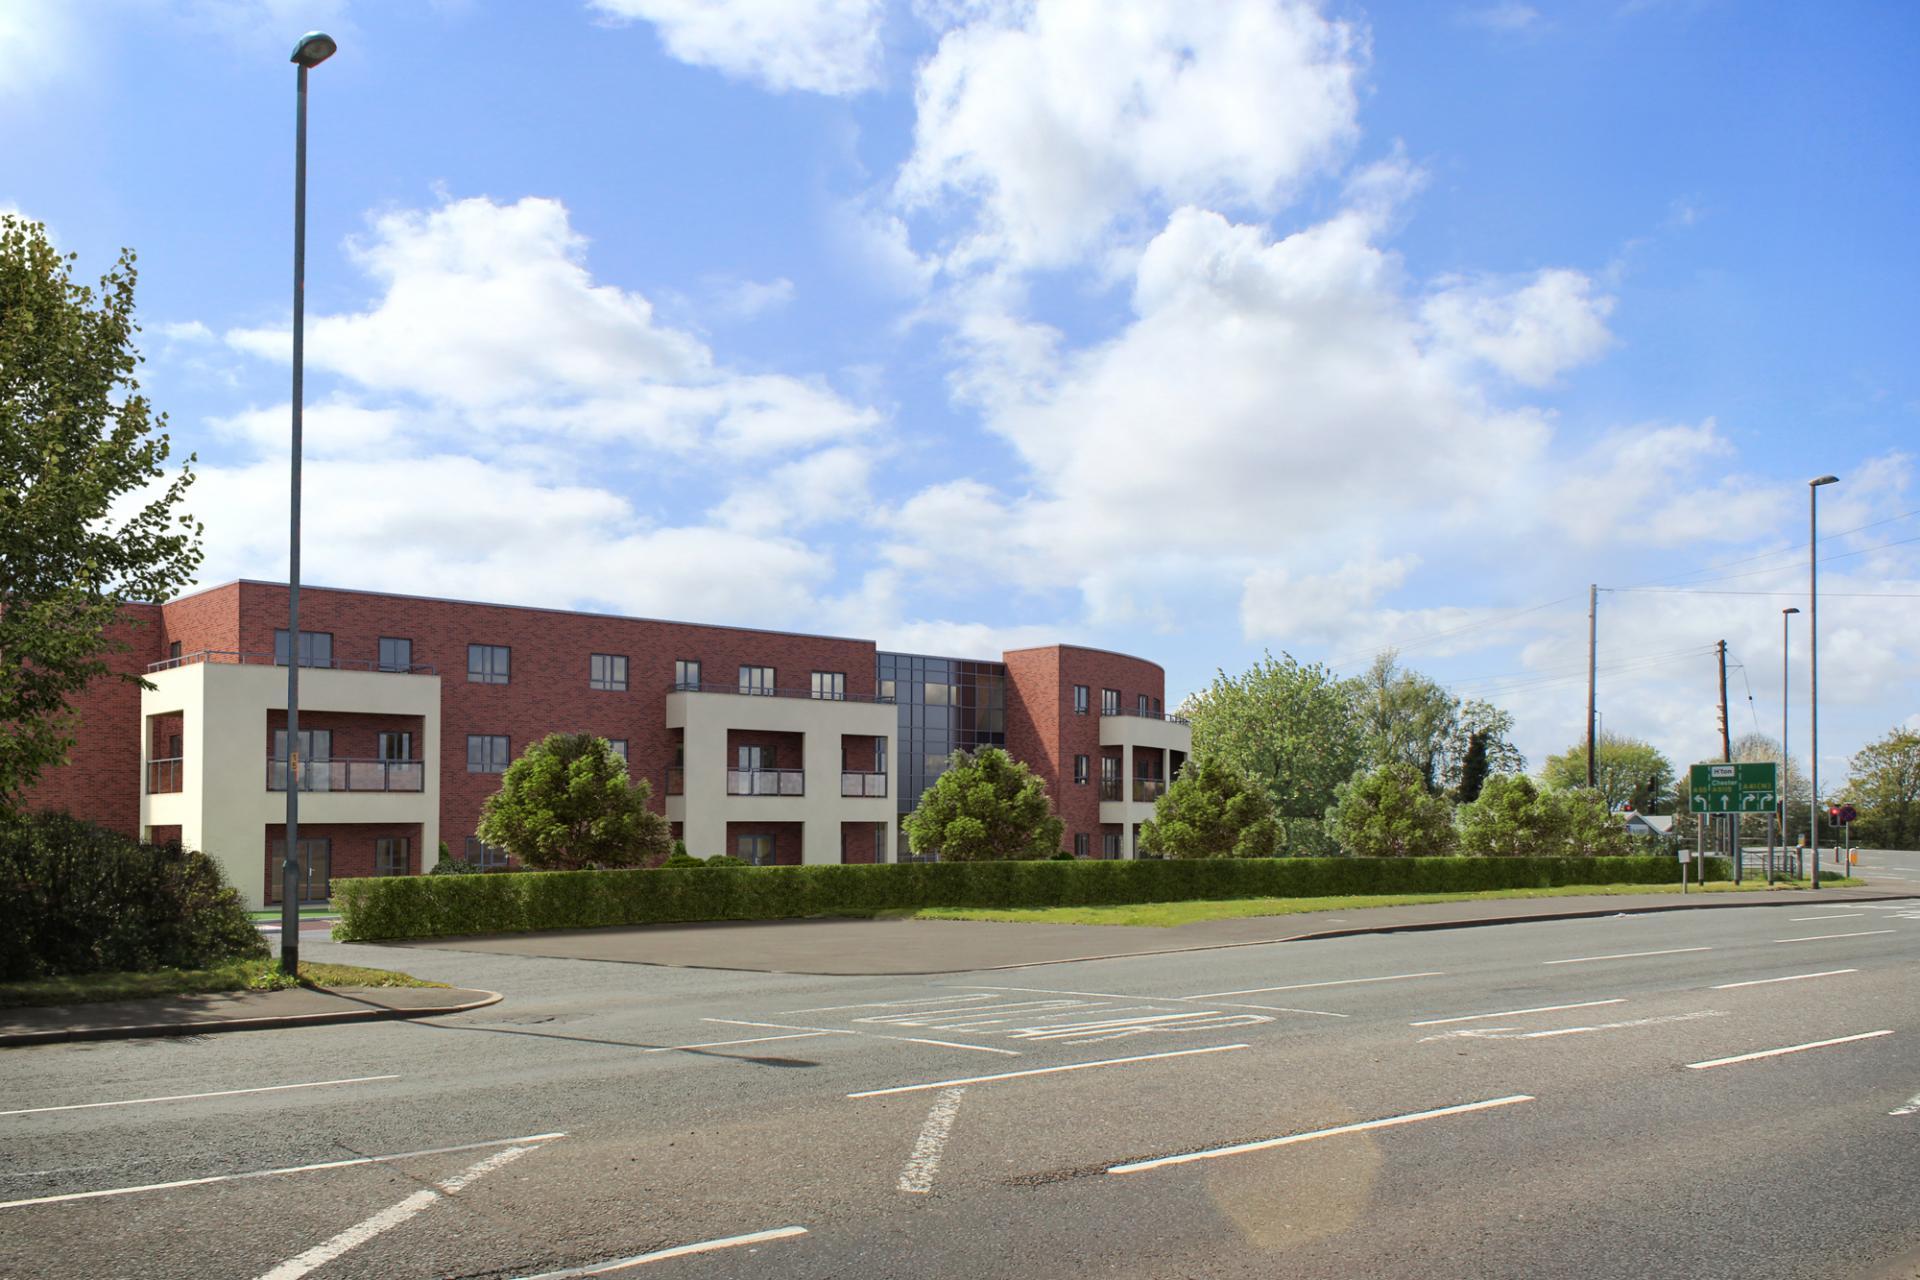 Beechmoor-Garden-Centre,-Cheshire-(A-712)---Image-1